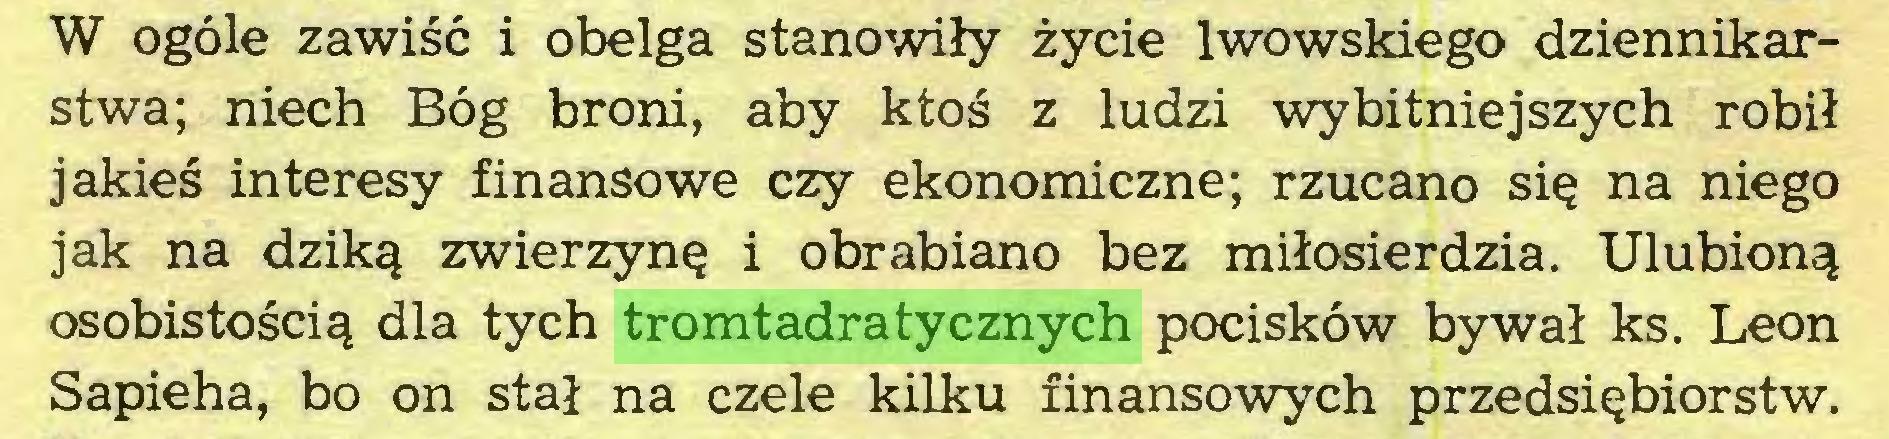 (...) W ogóle zawiść i obelga stanowiły życie lwowskiego dziennikarstwa; niech Bóg broni, aby ktoś z ludzi wybitniejszych robił jakieś interesy finansowe czy ekonomiczne; rzucano się na niego jak na dziką zwierzynę i obrabiano bez miłosierdzia. Ulubioną osobistością dla tych tromtadratycznych pocisków bywał ks. Leon Sapieha, bo on stał na czele kilku finansowych przedsiębiorstw...